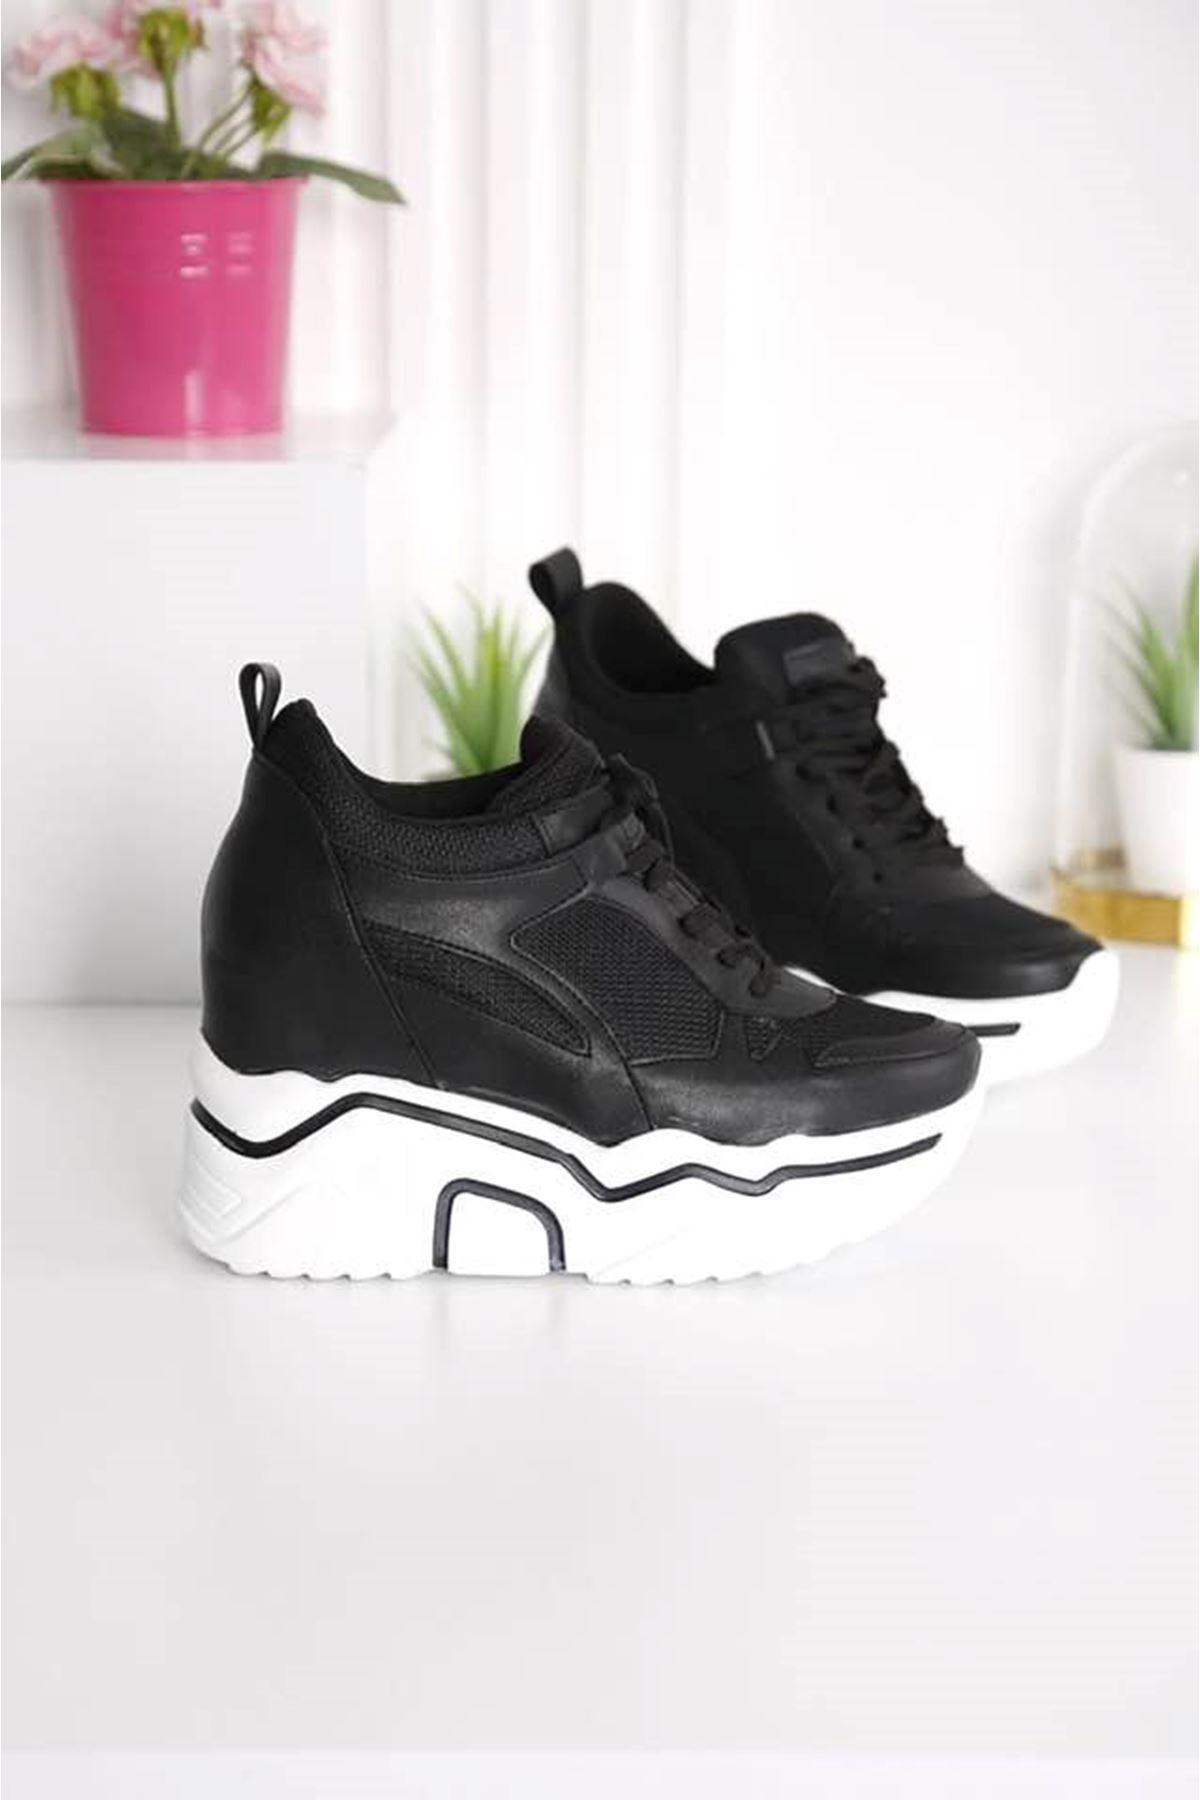 Showy Siyah Beyaz Platform Spor Ayakkabı